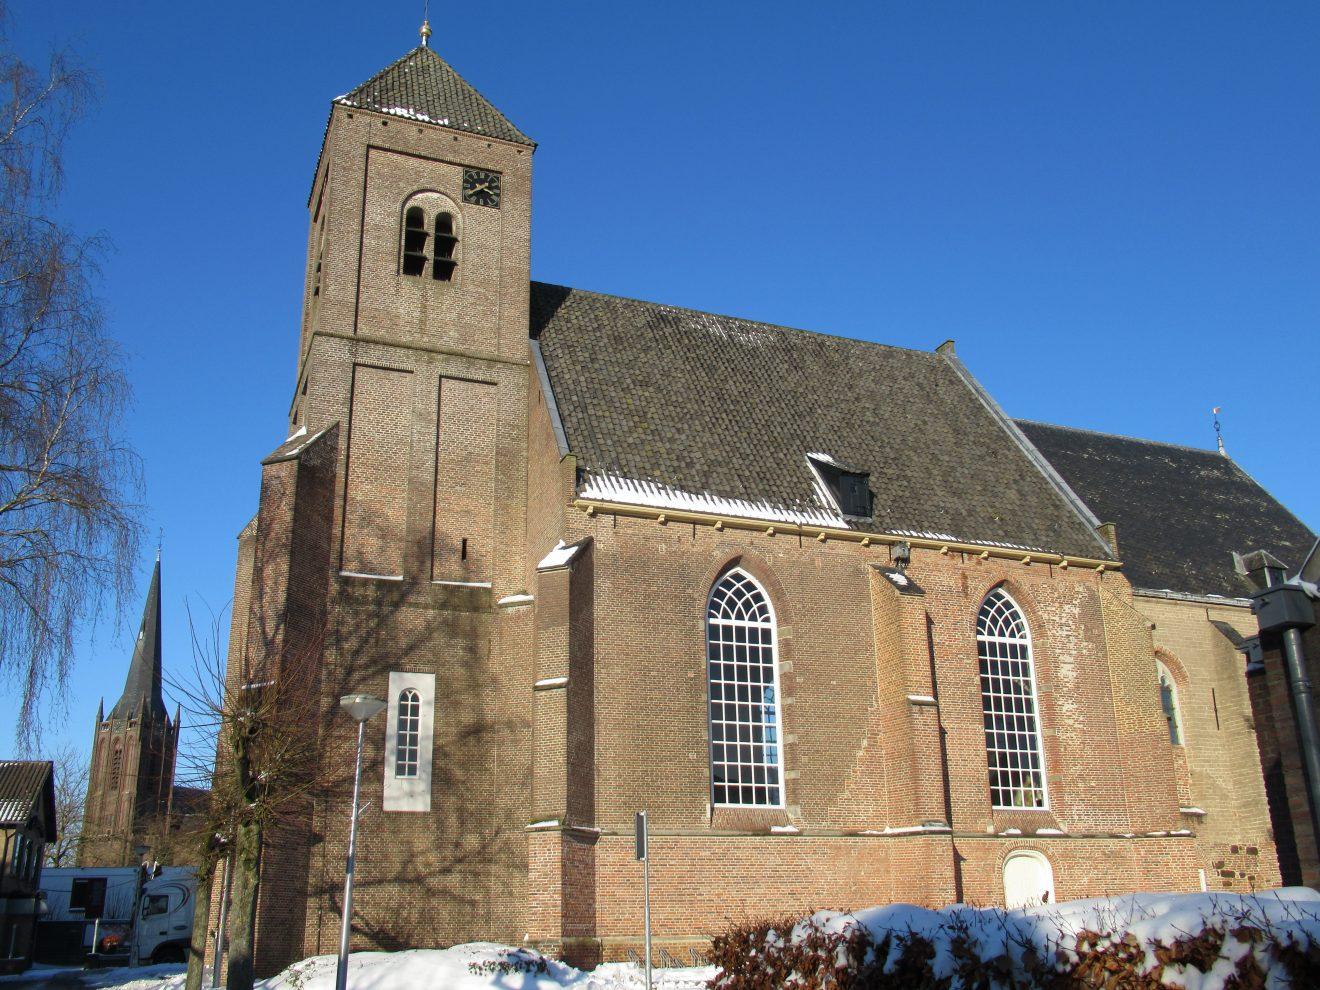 Raalte Wintersfeer Plaskerk en Basiliek 10-02-21